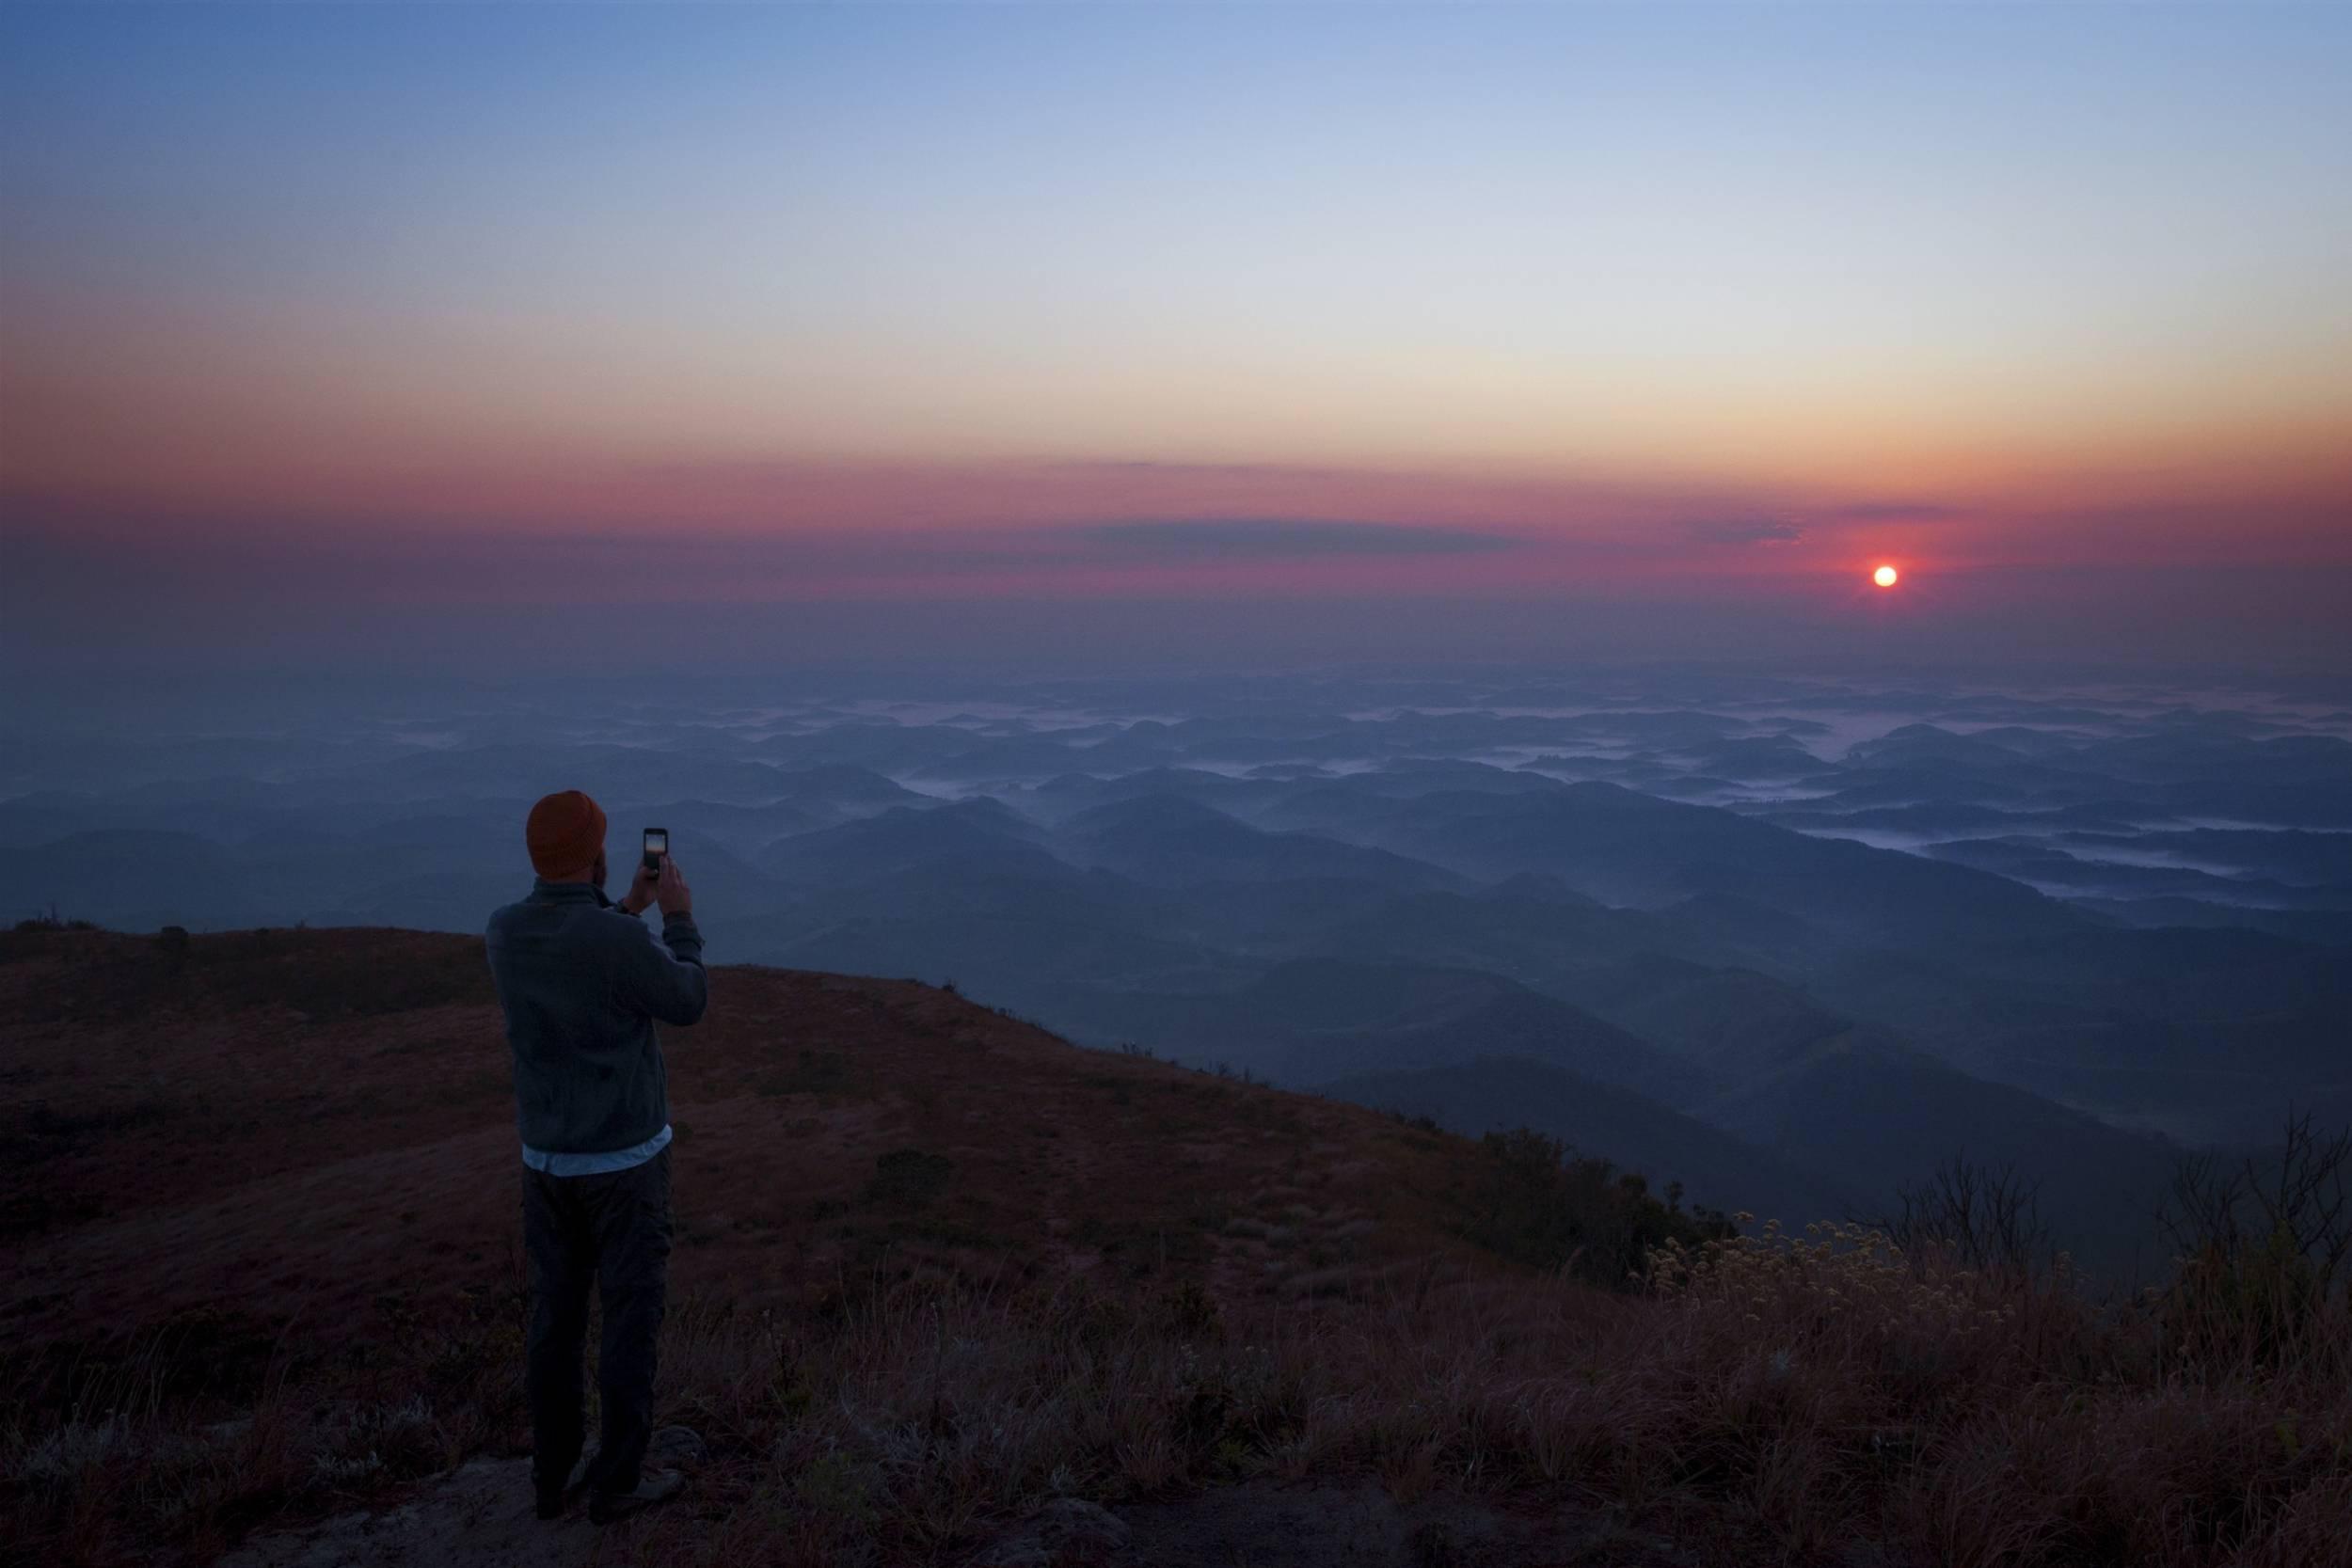 En man fotograferar solnedgången